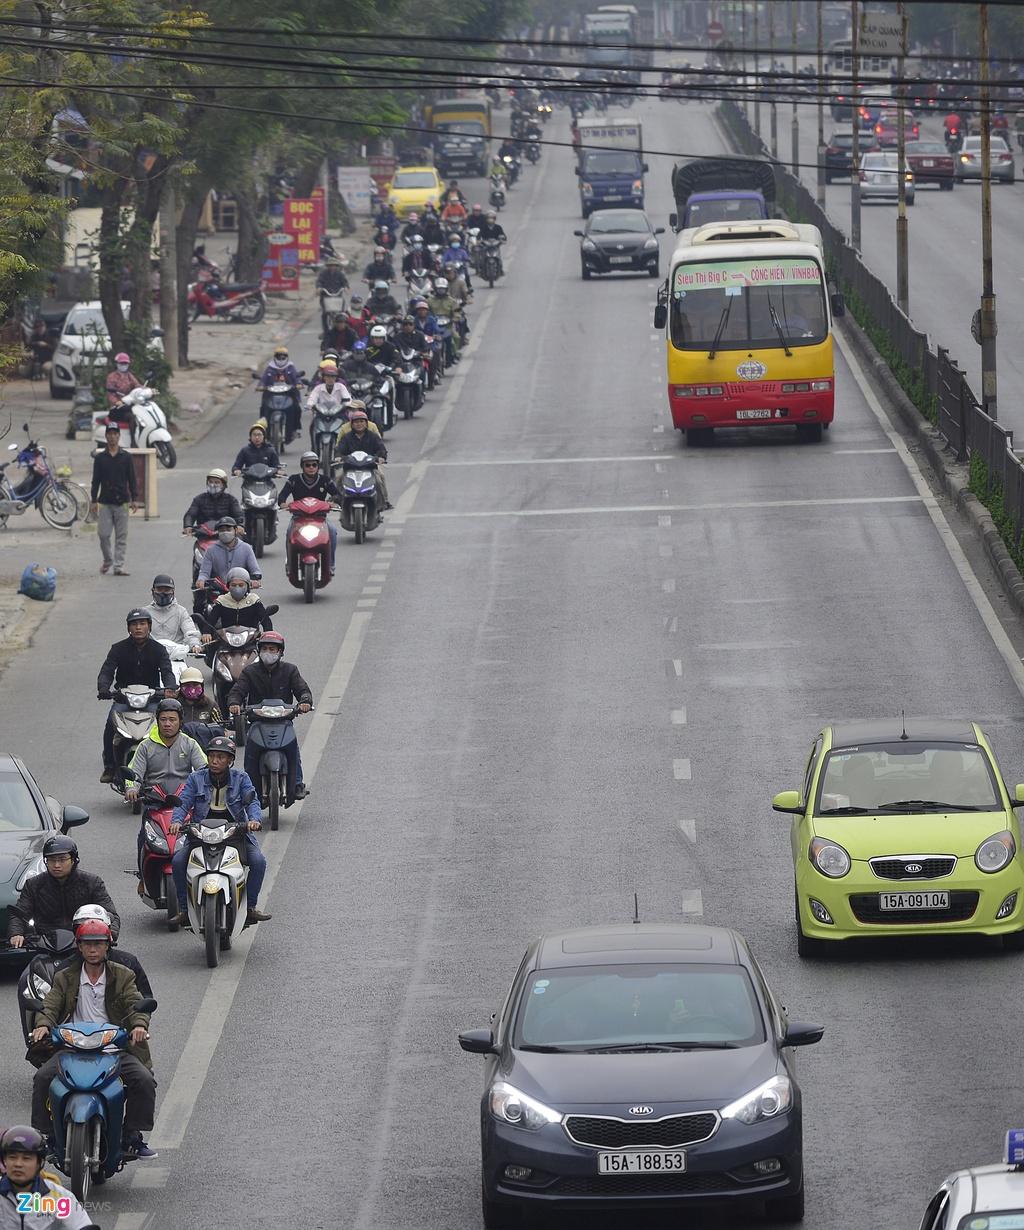 Tuyen duong nguoi di xe chap hanh nhat Hai Phong anh 6